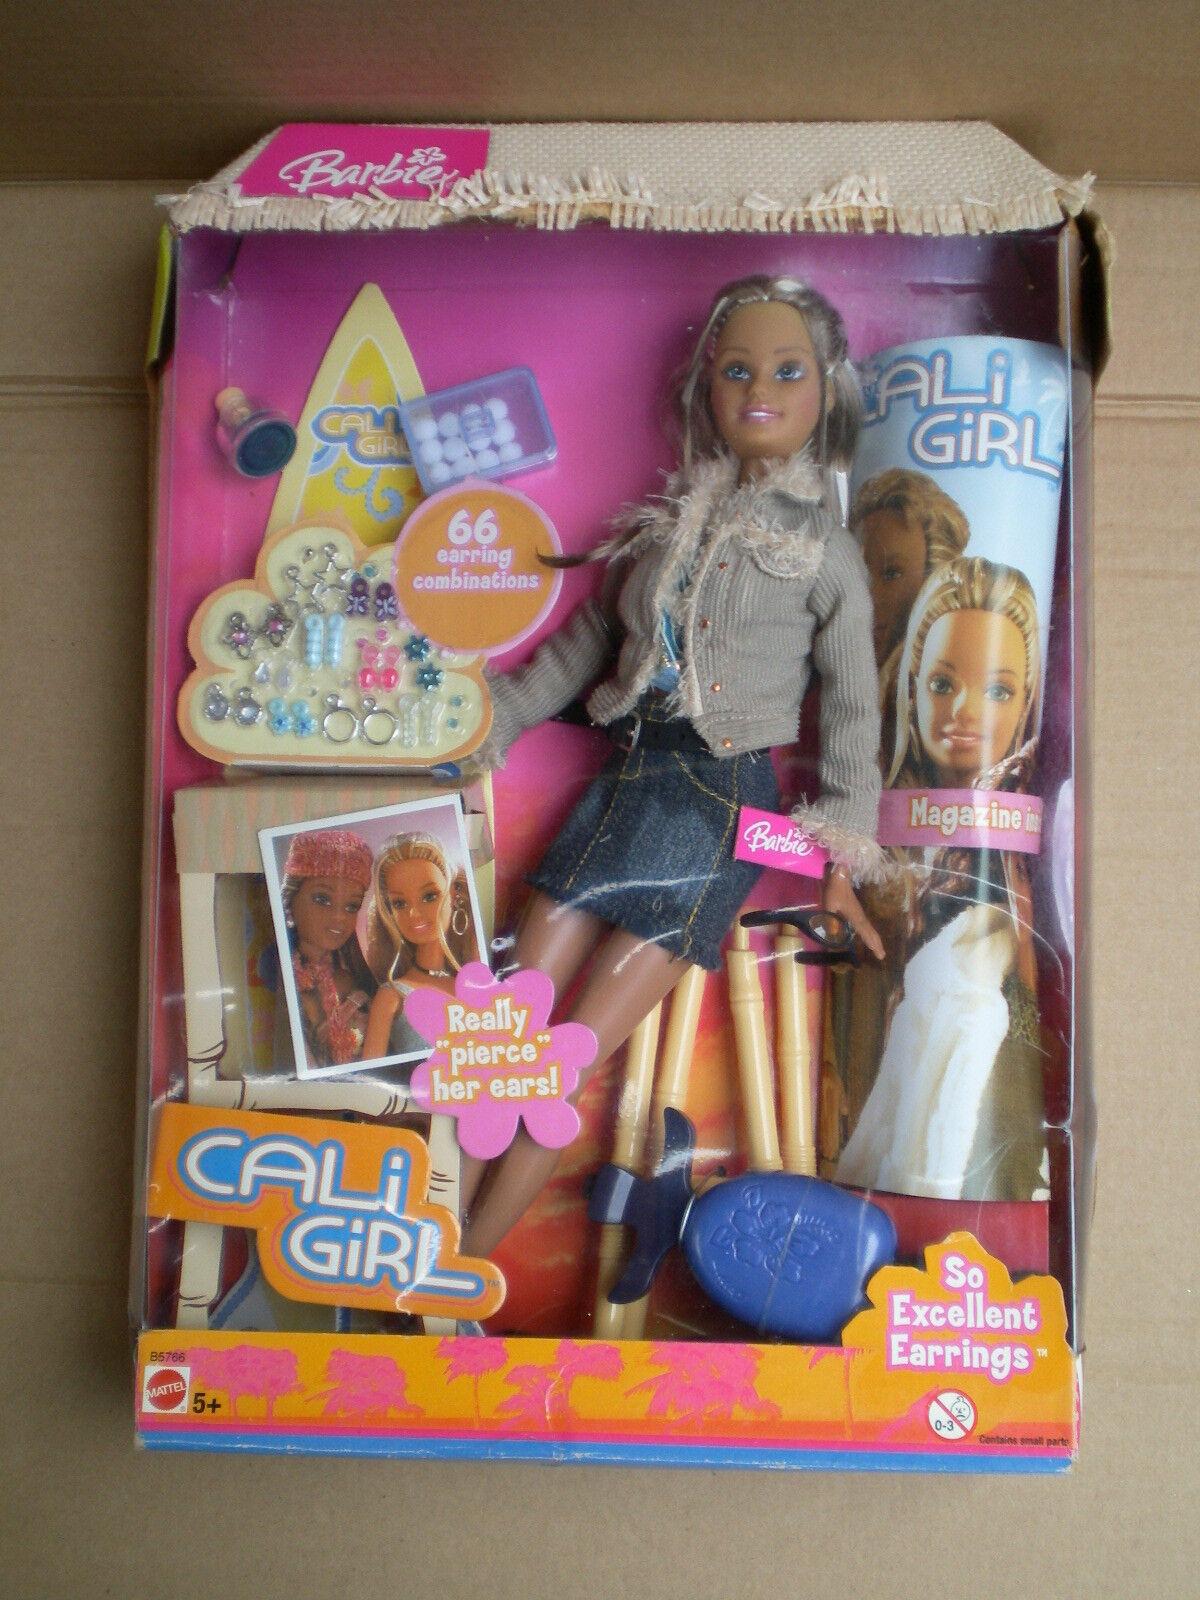 Rare Barbie Cali Girl So Excellent Earrings Really Pierce Doll 2004 Mattel BNIB